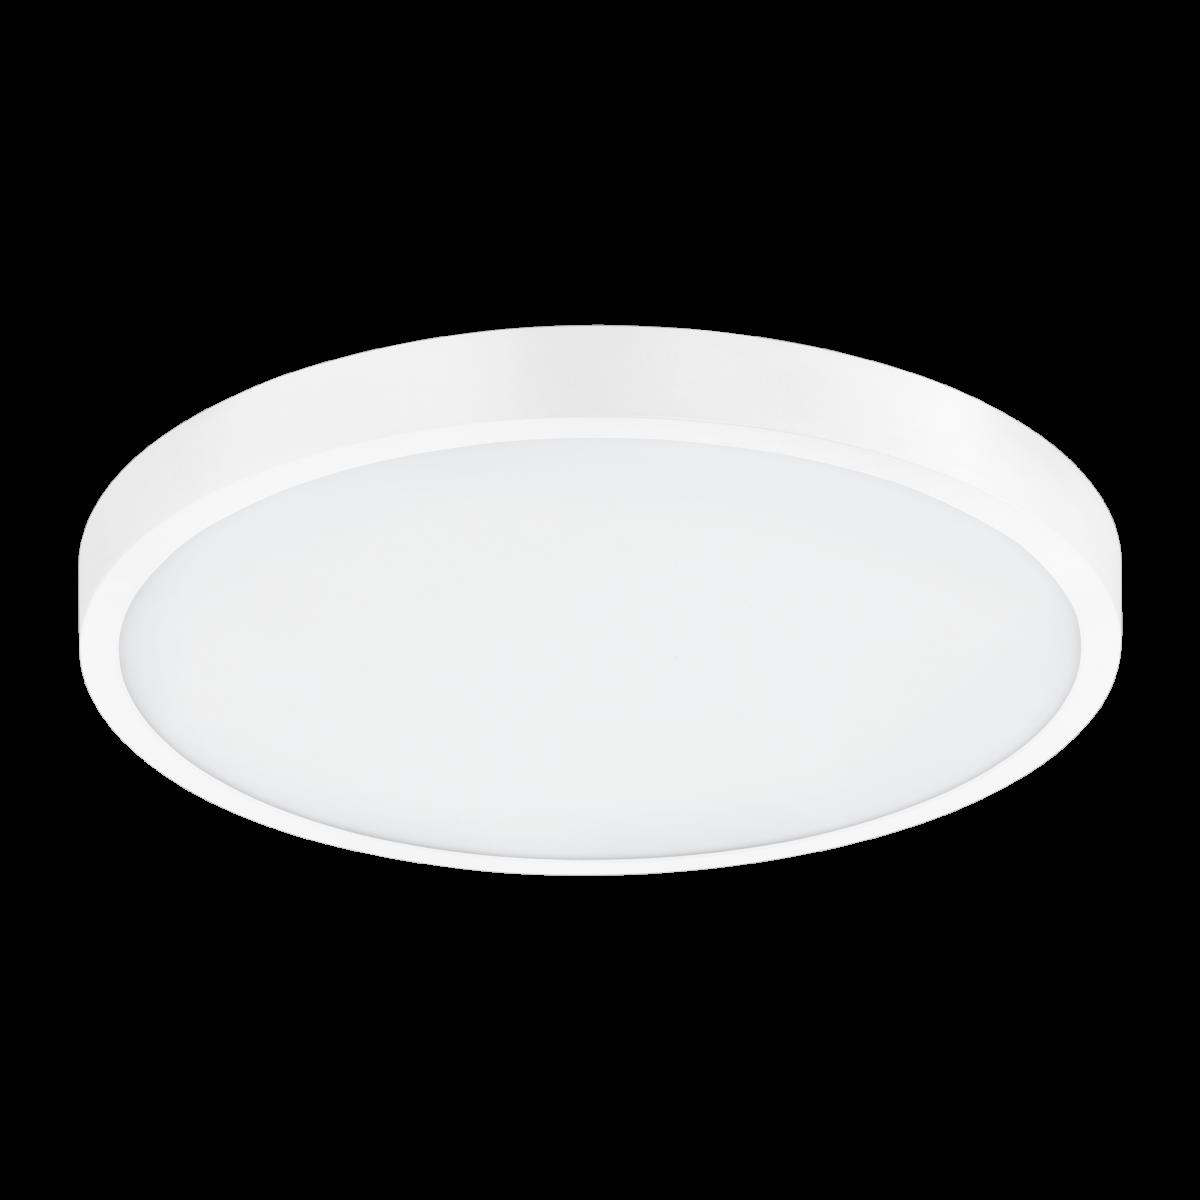 Светильник потолочный FUEVA-A EGLO 98292 - Фото №28